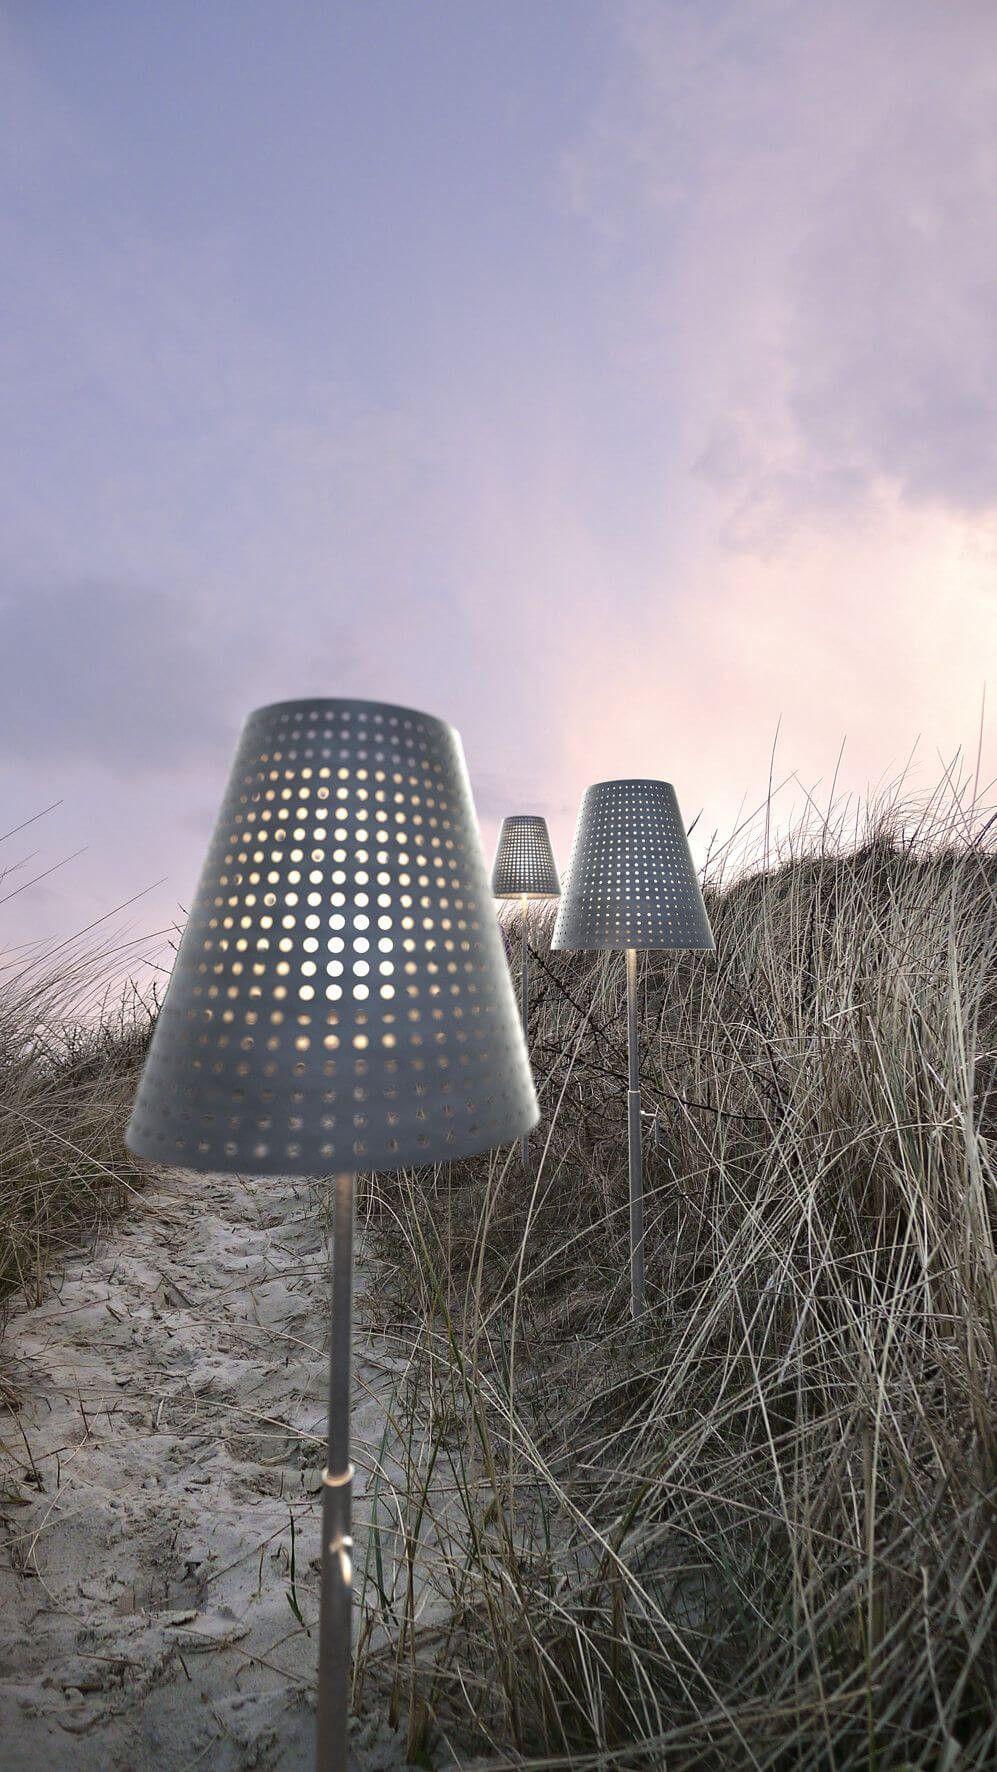 Industrielle Stehlampe Weglampe Fuse Garten Lampe